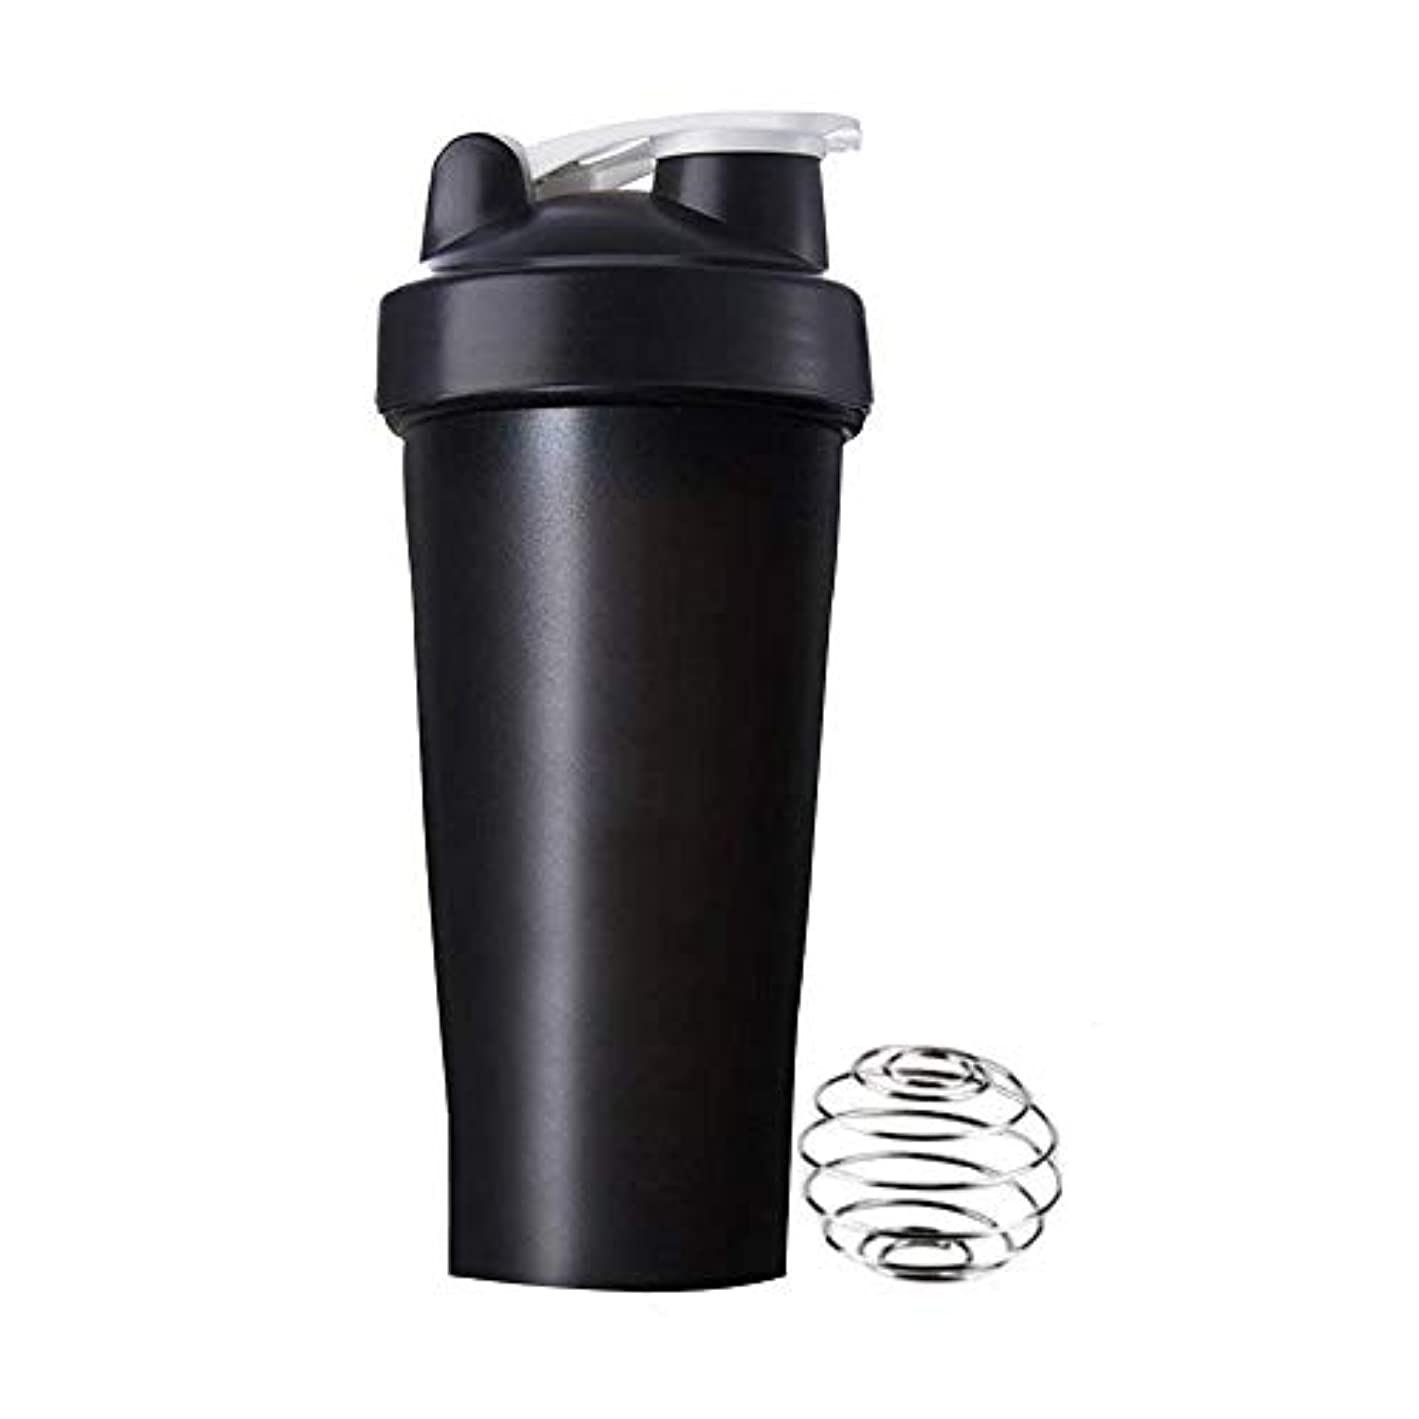 弾丸豊富に一生Roman Center プロテインシェイカー 直飲み プラスチックウォーターボトル ジム シェーカーボトル 600ml